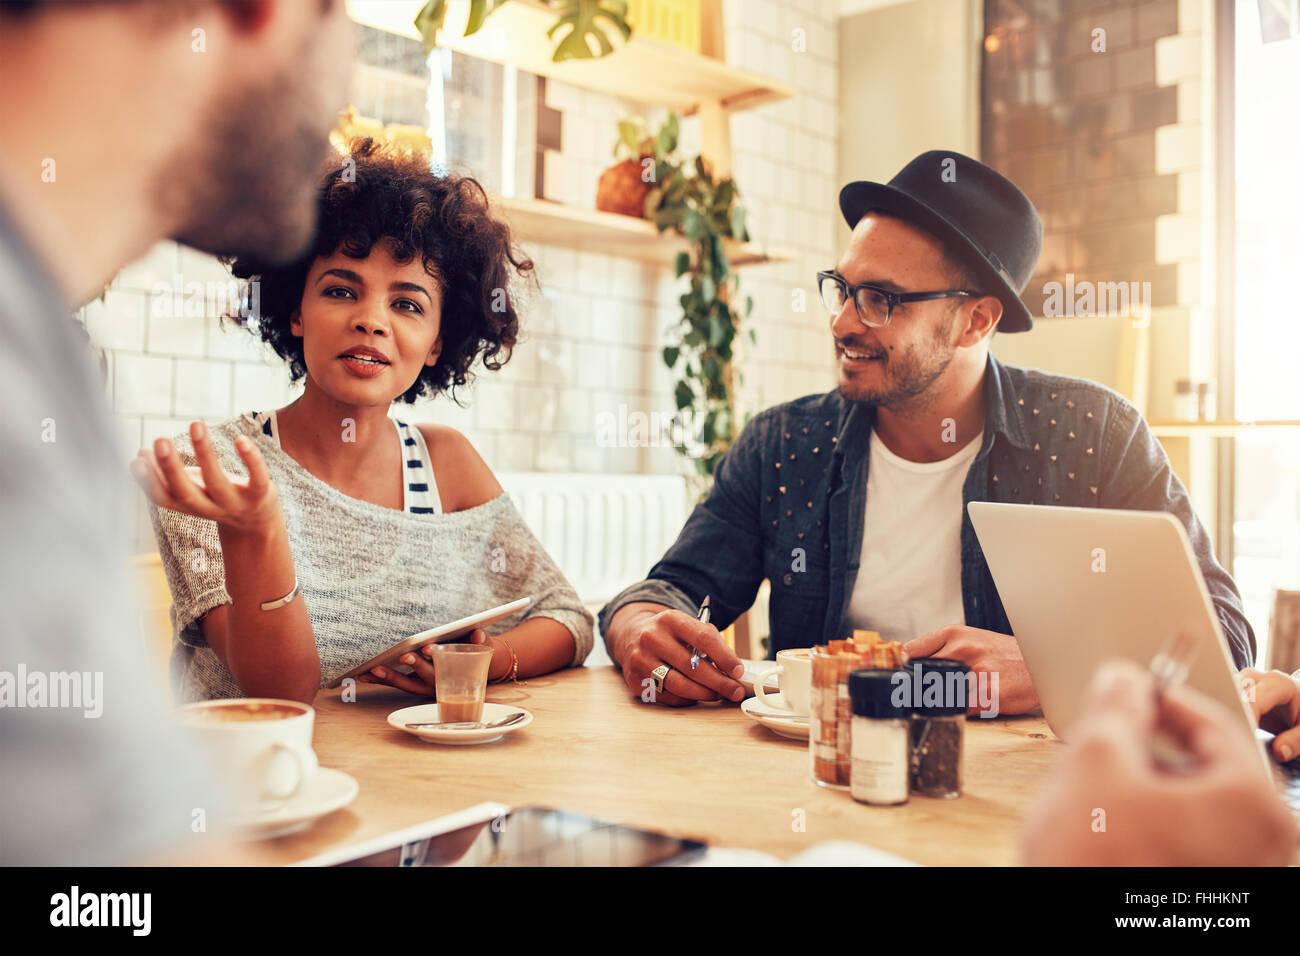 Porträt der jungen Frau im Gespräch mit Freunden in einem Café. Gruppe von Jugendlichen in einem Stockbild